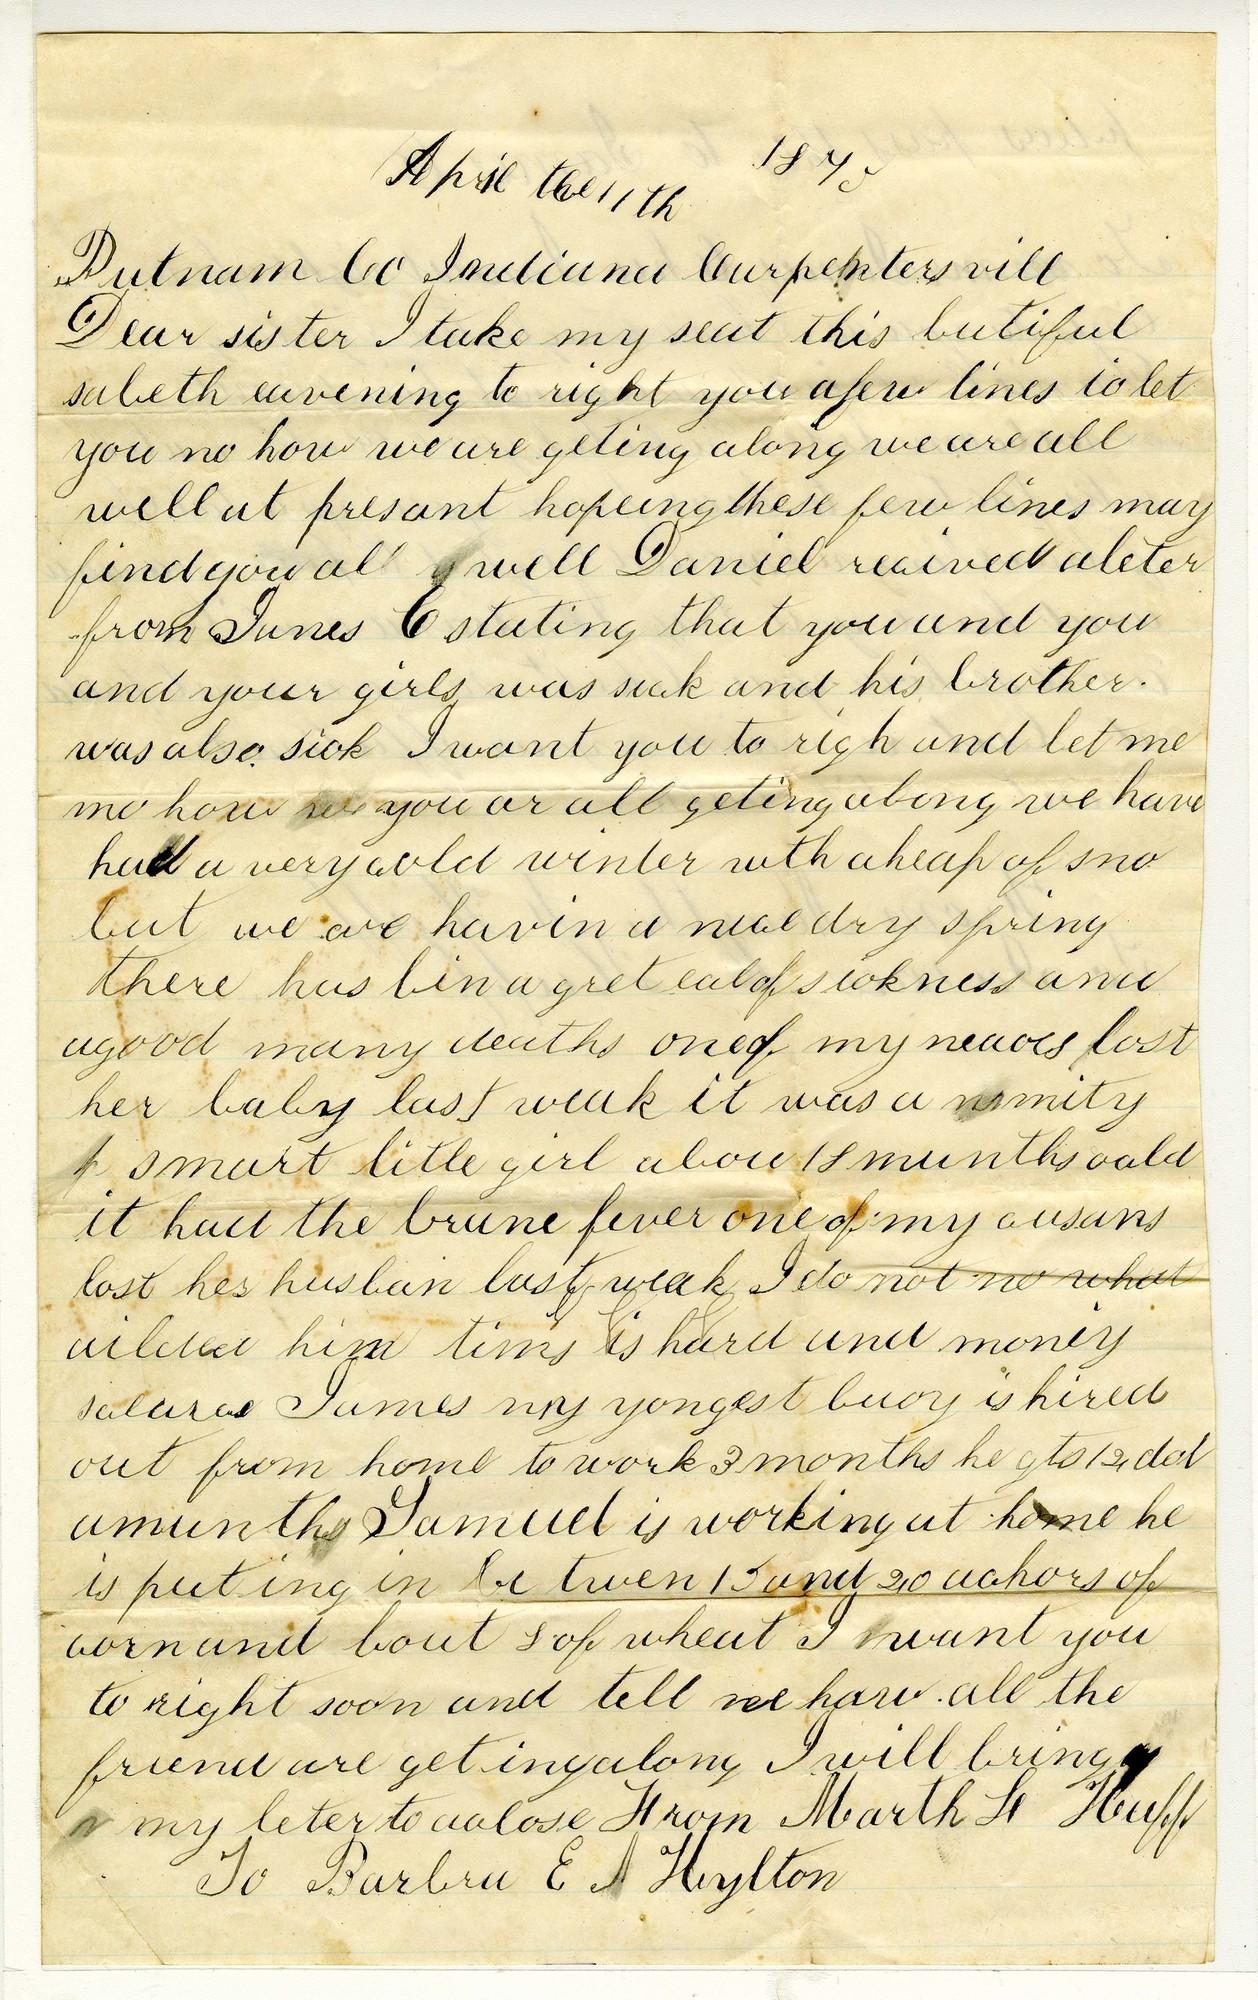 Ms1998_001_HuffHylton_Letter_1875_0411a.jpg